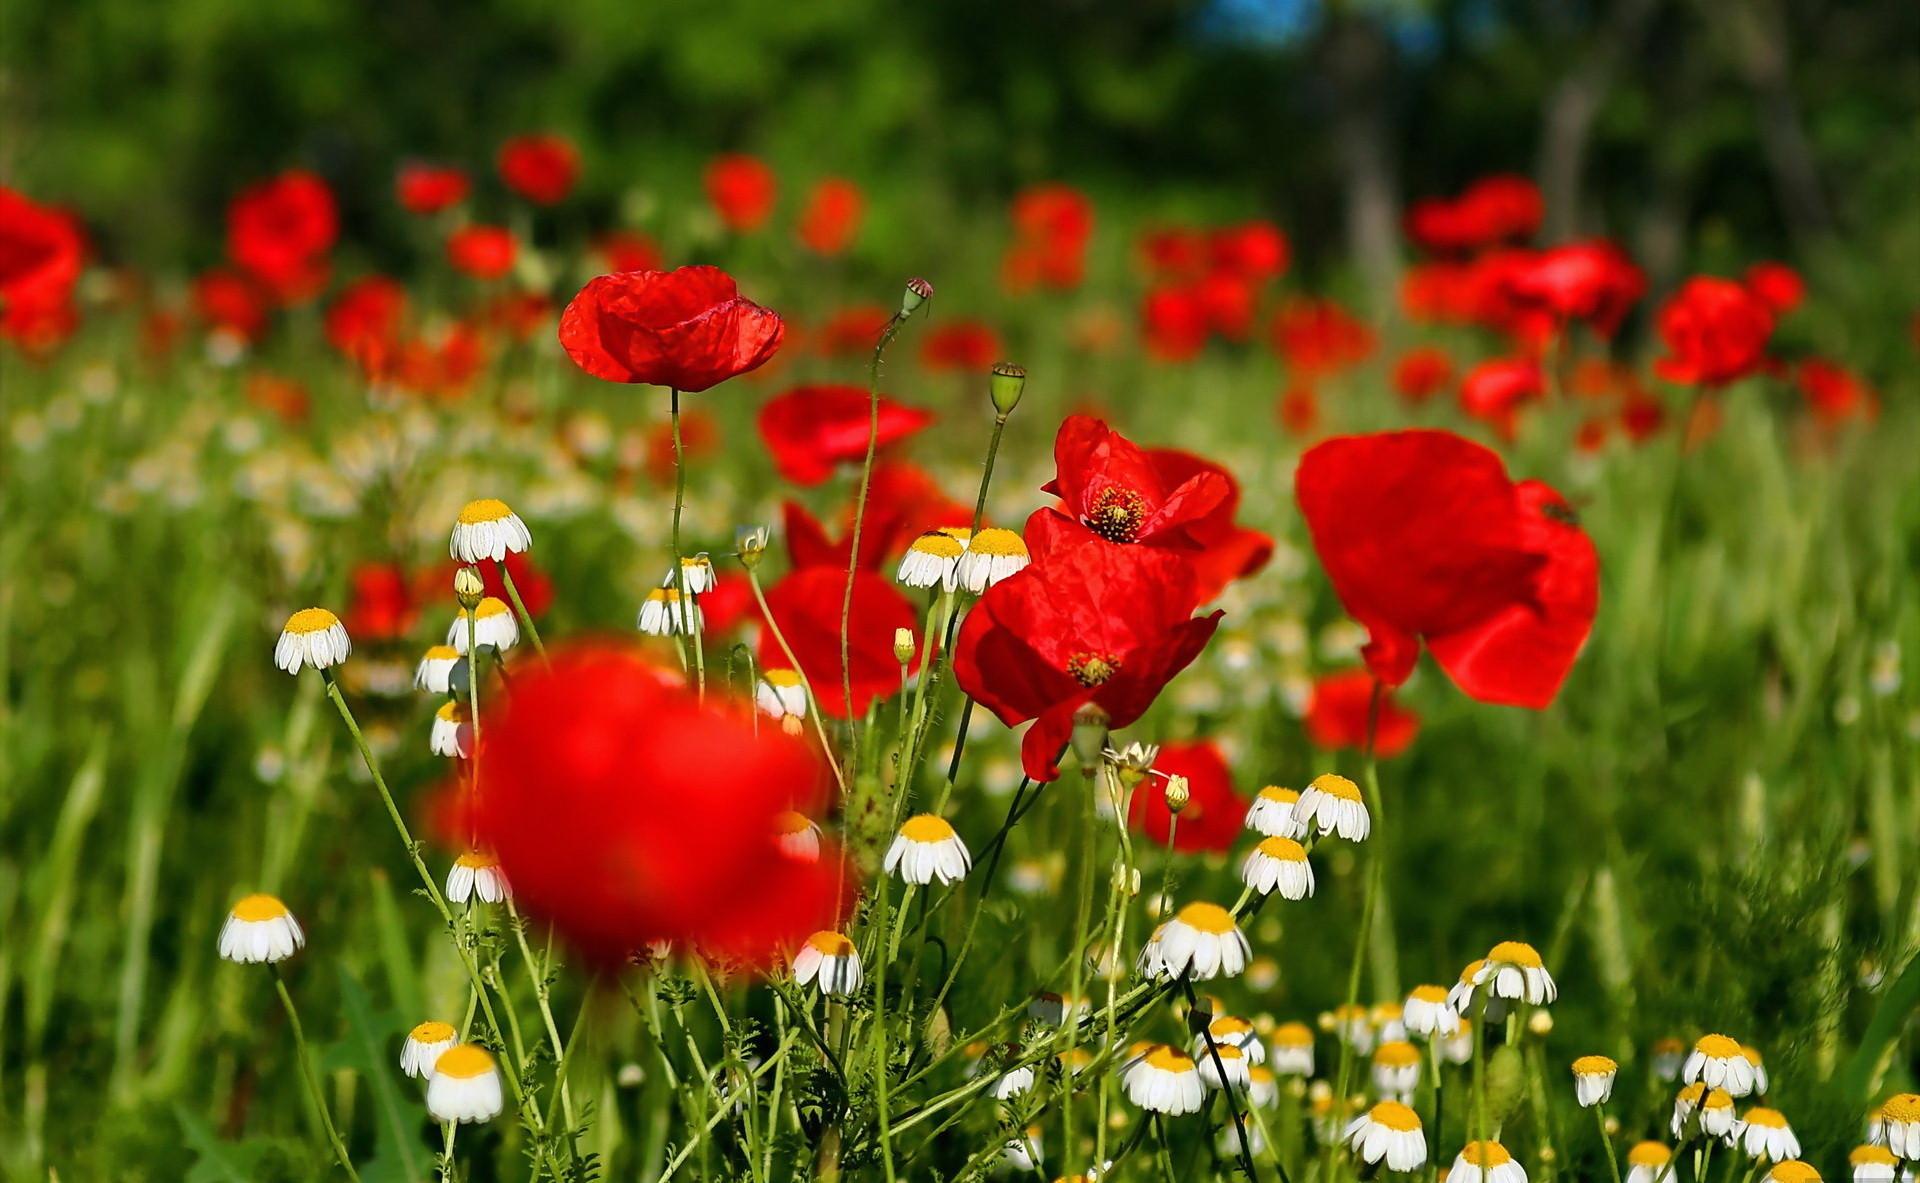 Desktop Flower Backgrounds Group   Data Src Gorgerous - Hd Computer Wallpapers Flowers - HD Wallpaper